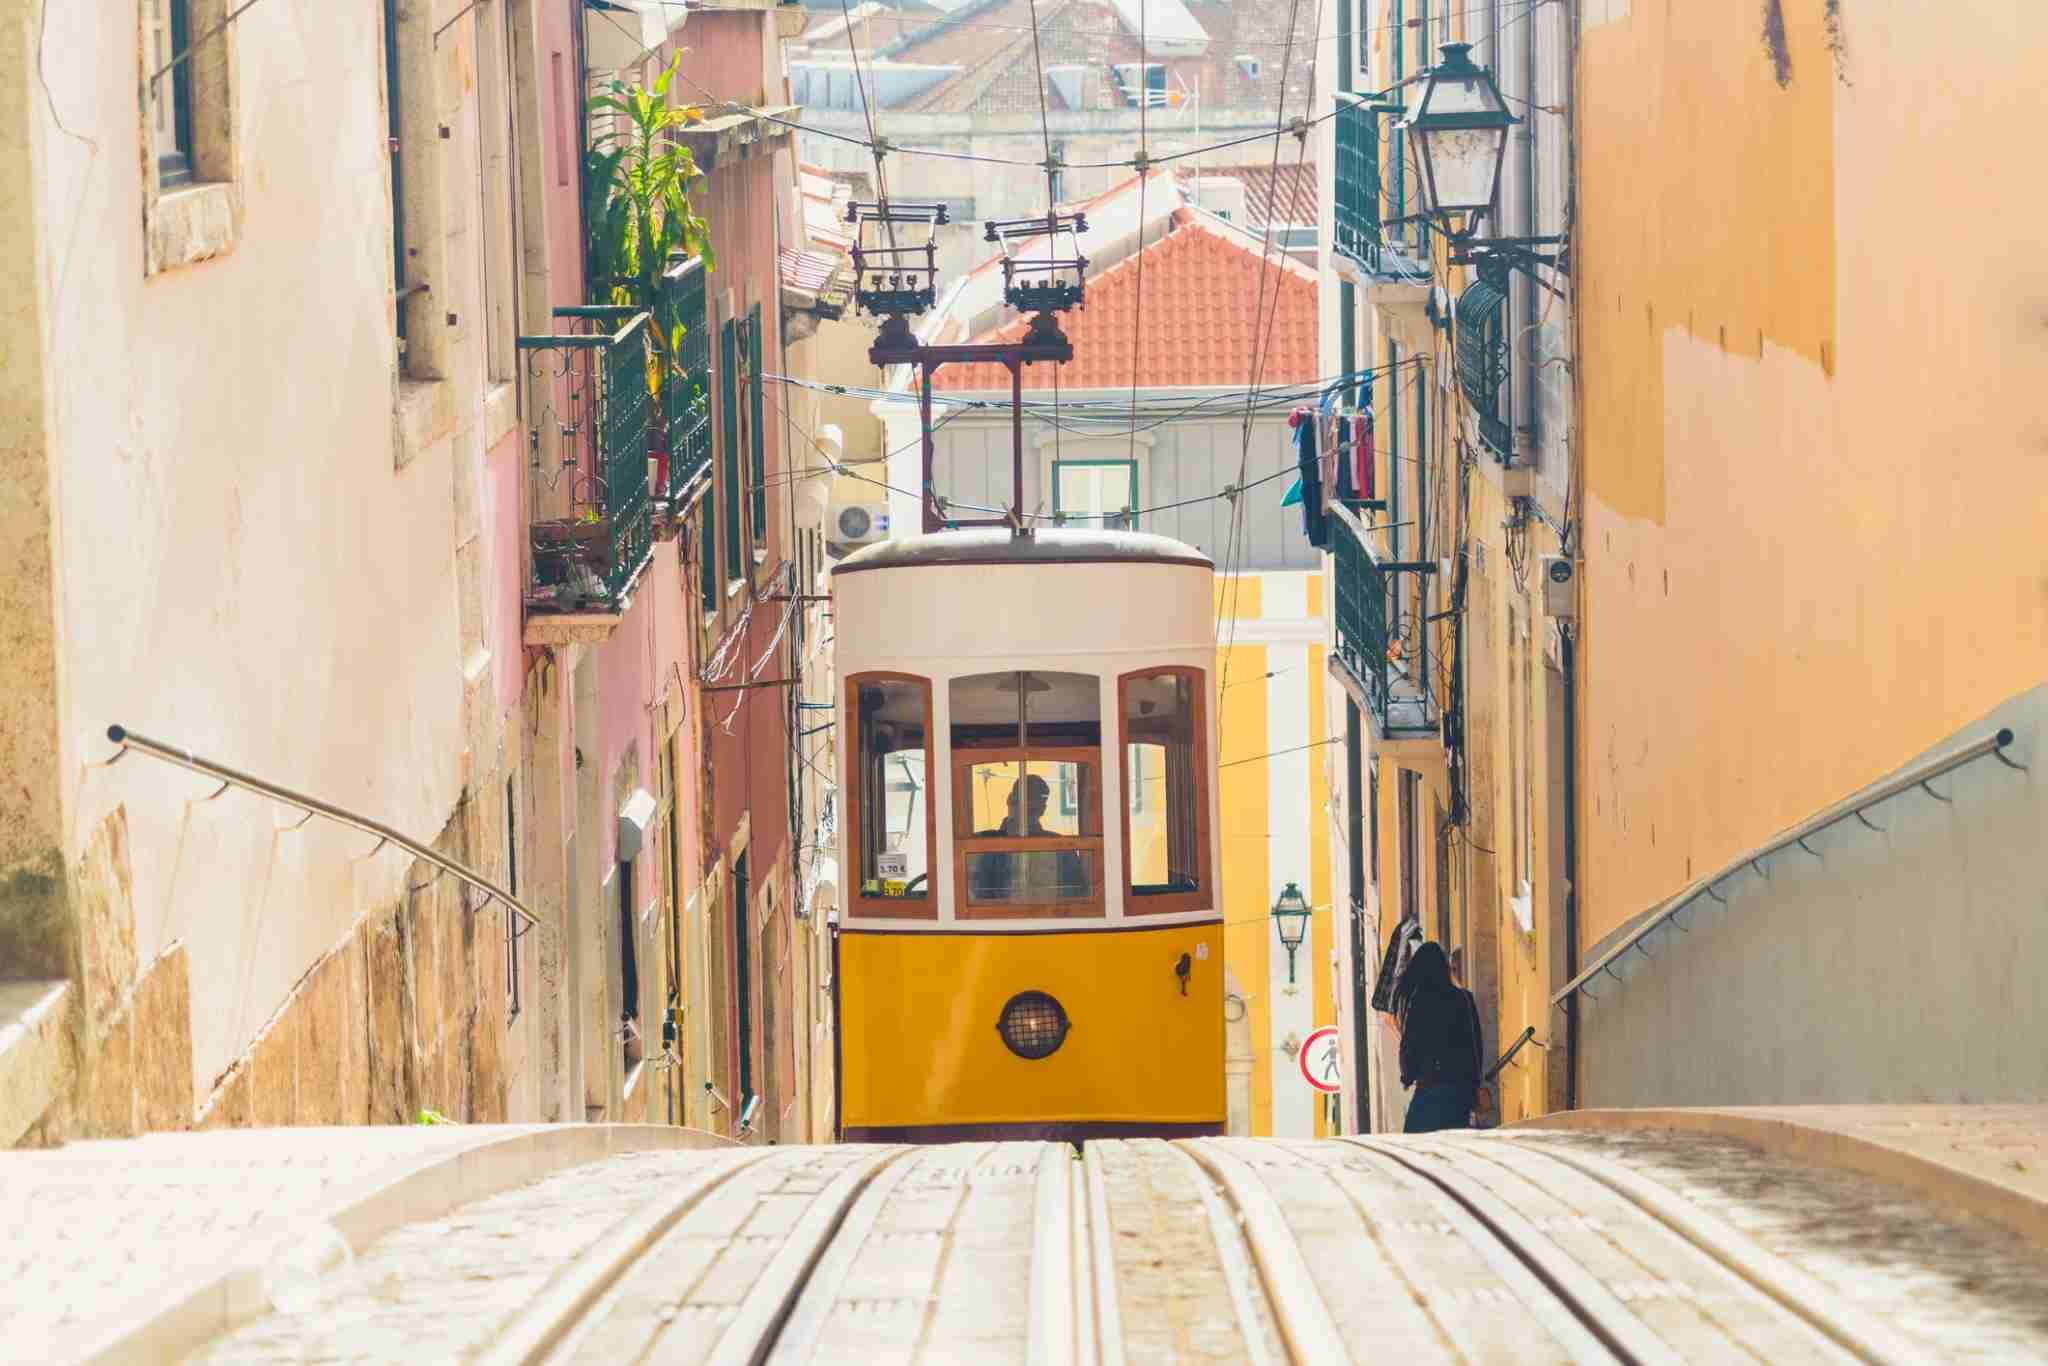 Take a ride on Lisbon